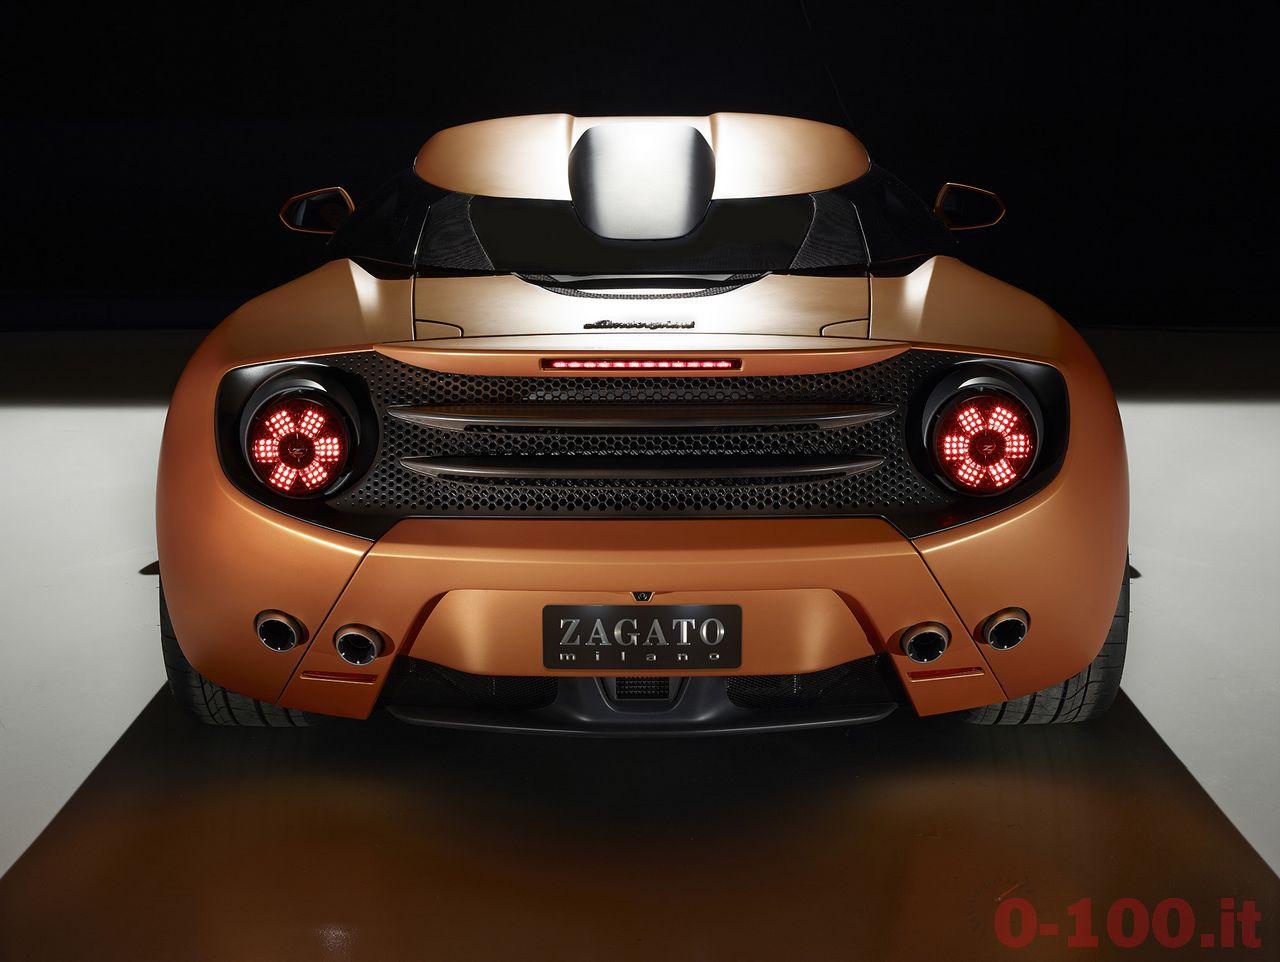 Lamborghini-5-95-Zagato_concorso_villa_deste_2014_Albert _Spiess_0-1003